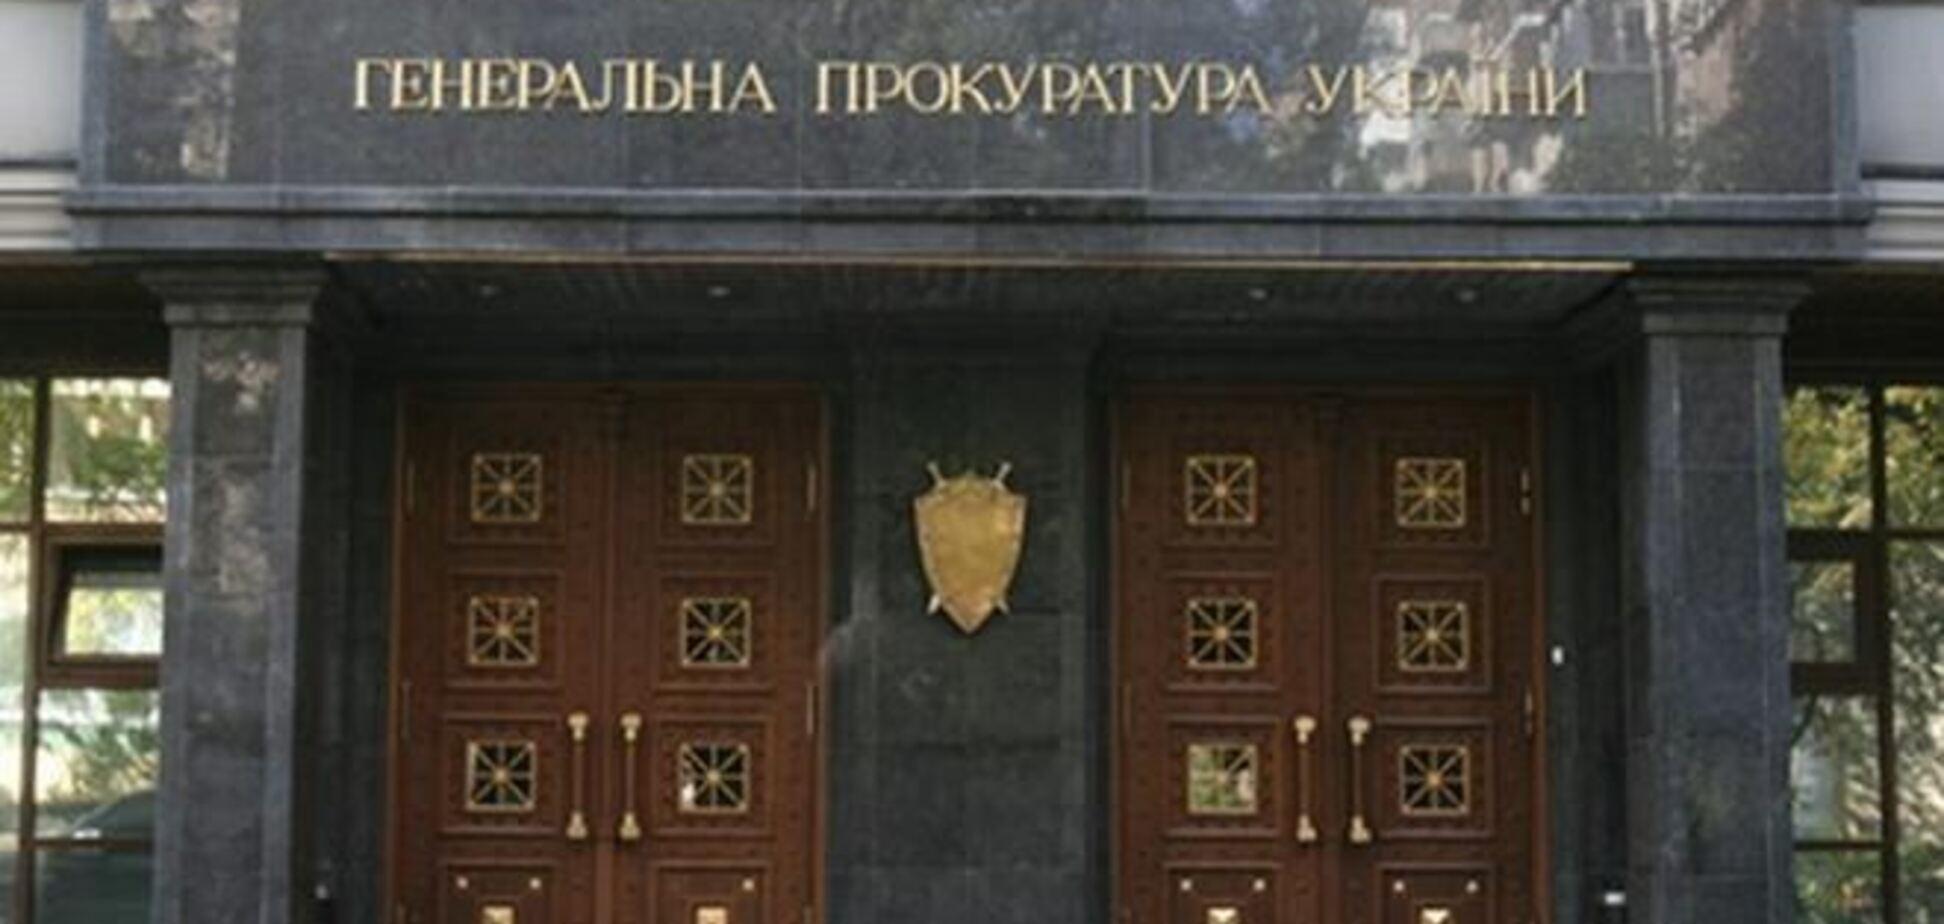 ГПУ предупредила: сдача оружия и дезертирство будут расцениваться как госизмена